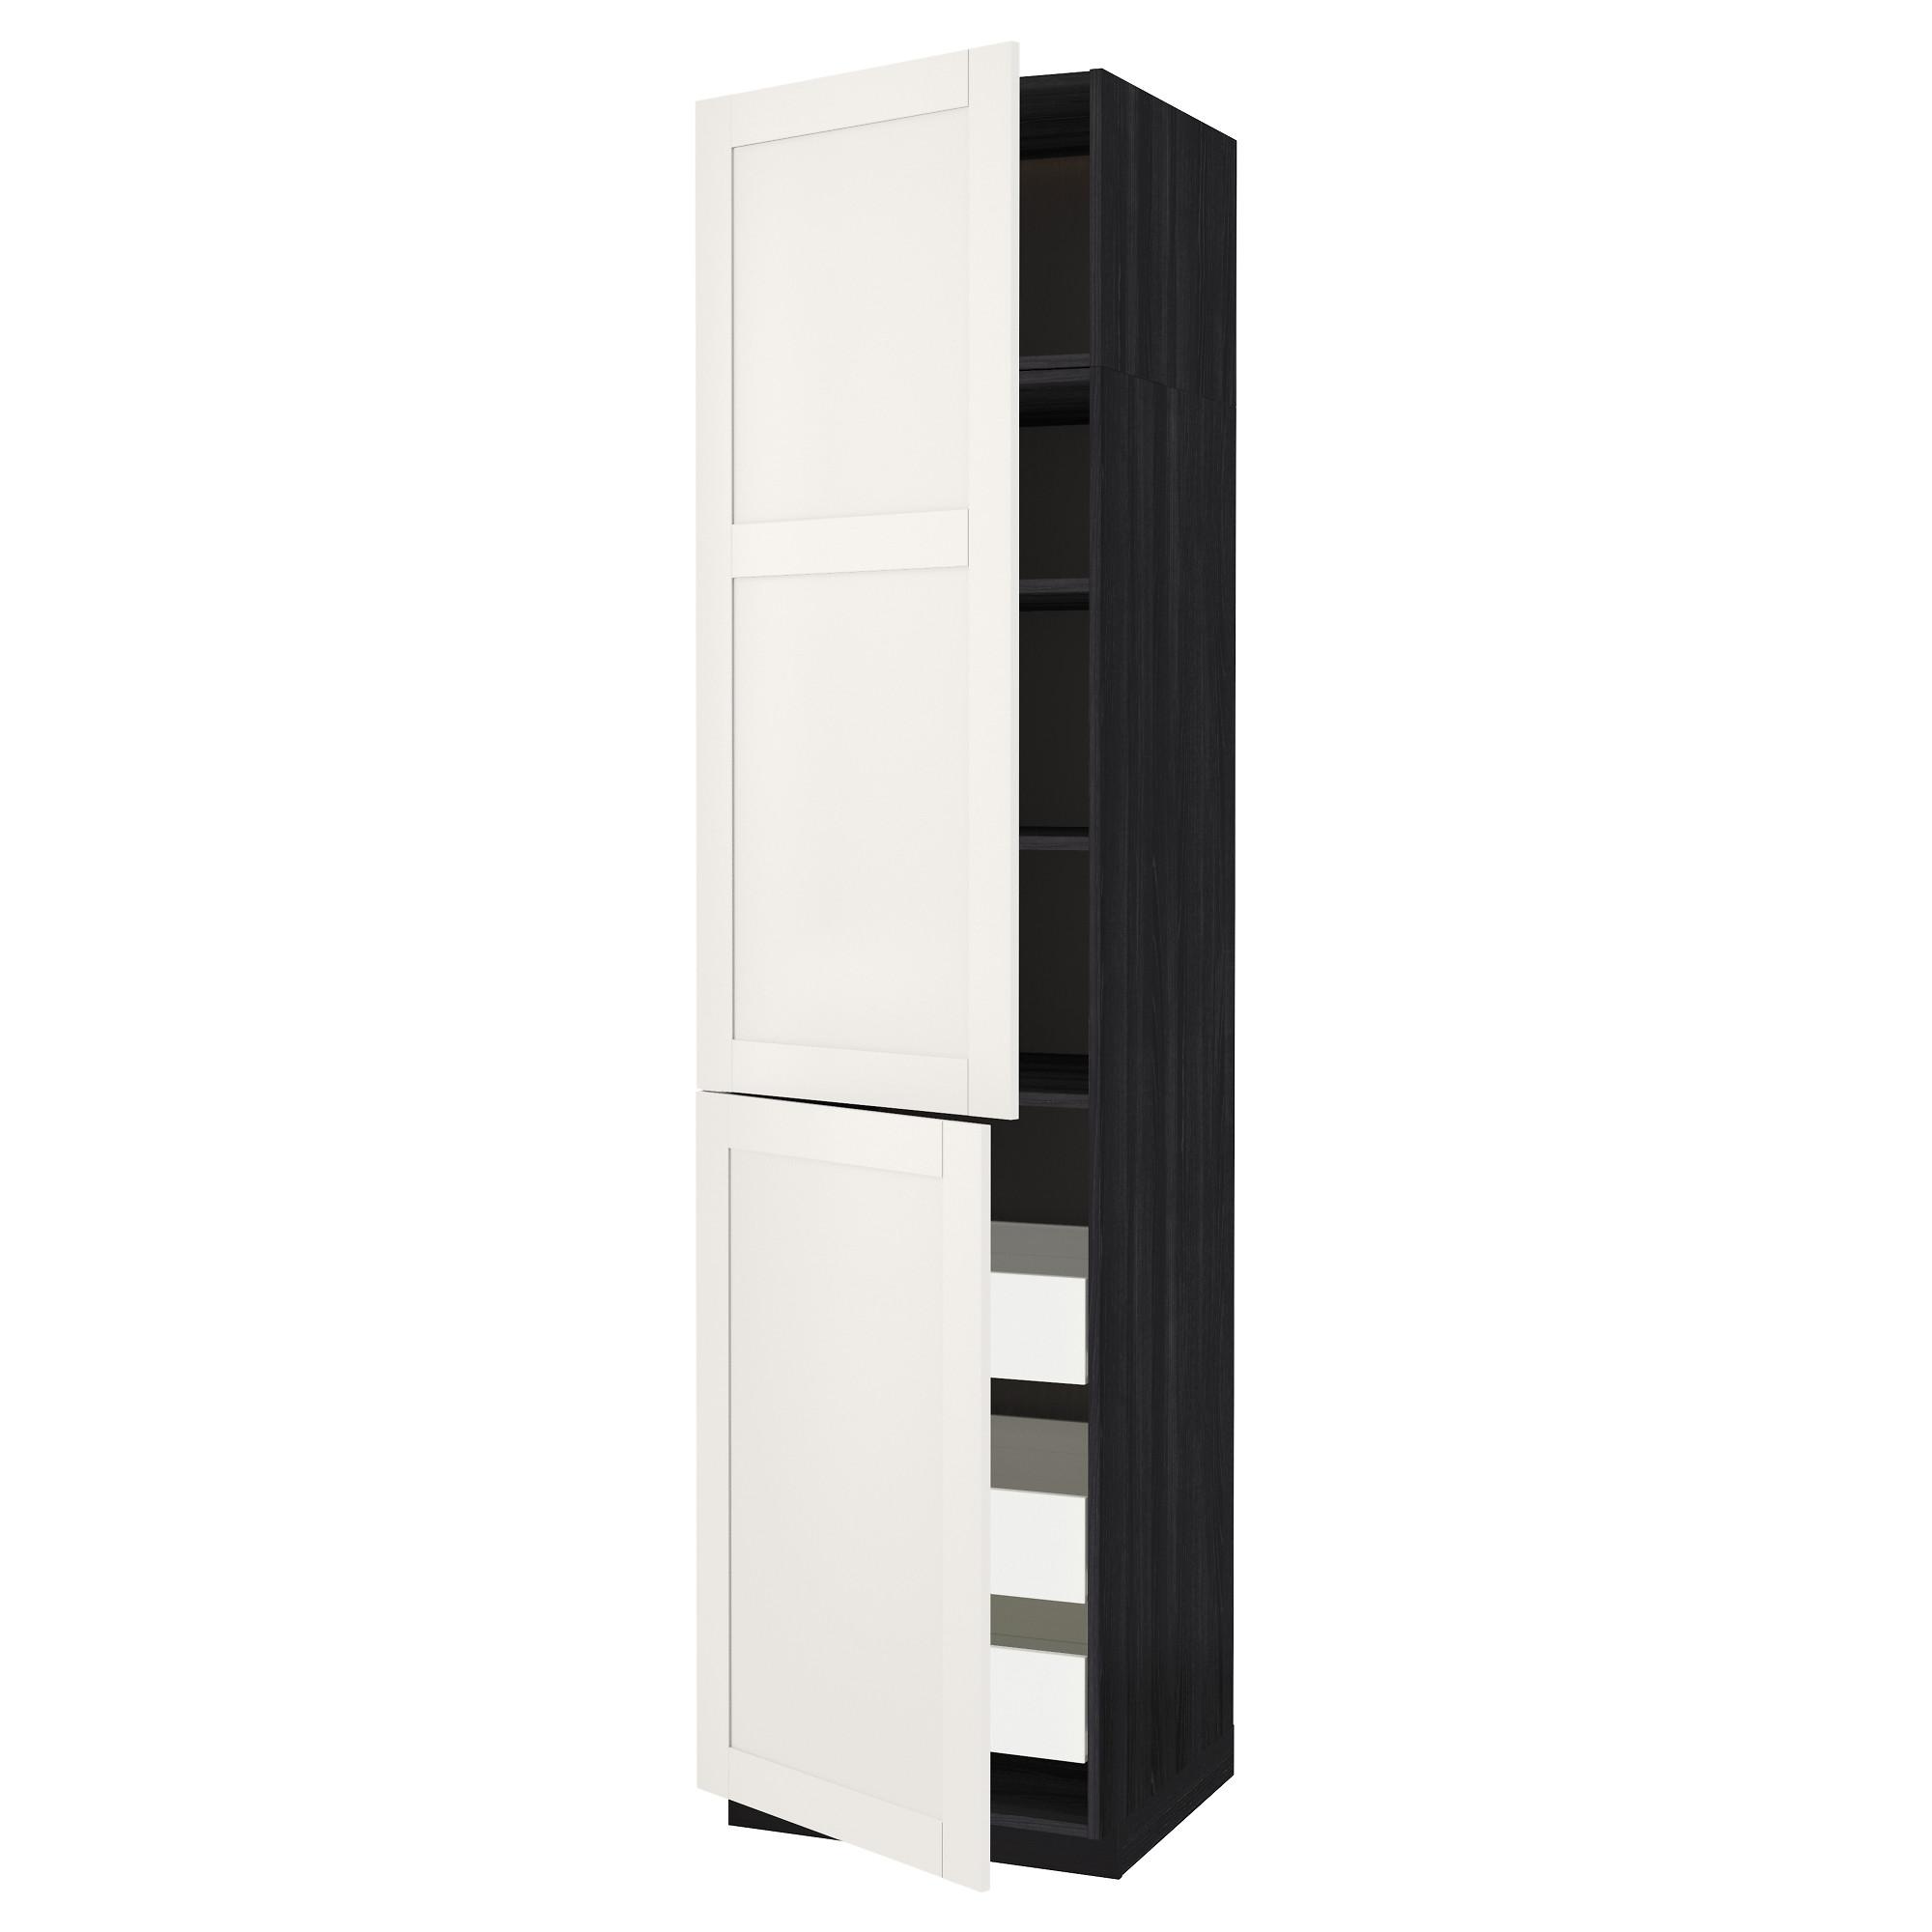 Высокий шкаф + полки, 3 ящика, 2 дверцы МЕТОД / ФОРВАРА черный артикуль № 392.658.05 в наличии. Интернет магазин IKEA Беларусь. Быстрая доставка и монтаж.